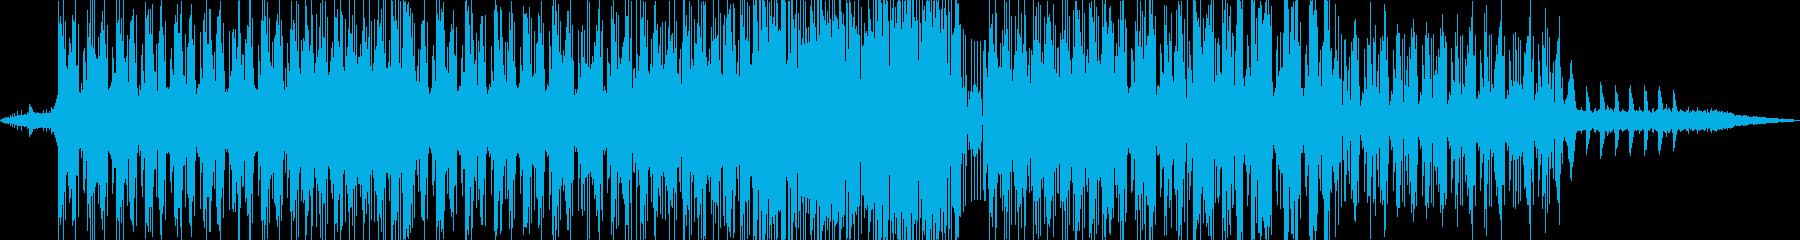 冷静になる。ランタンライトはジェノ...の再生済みの波形